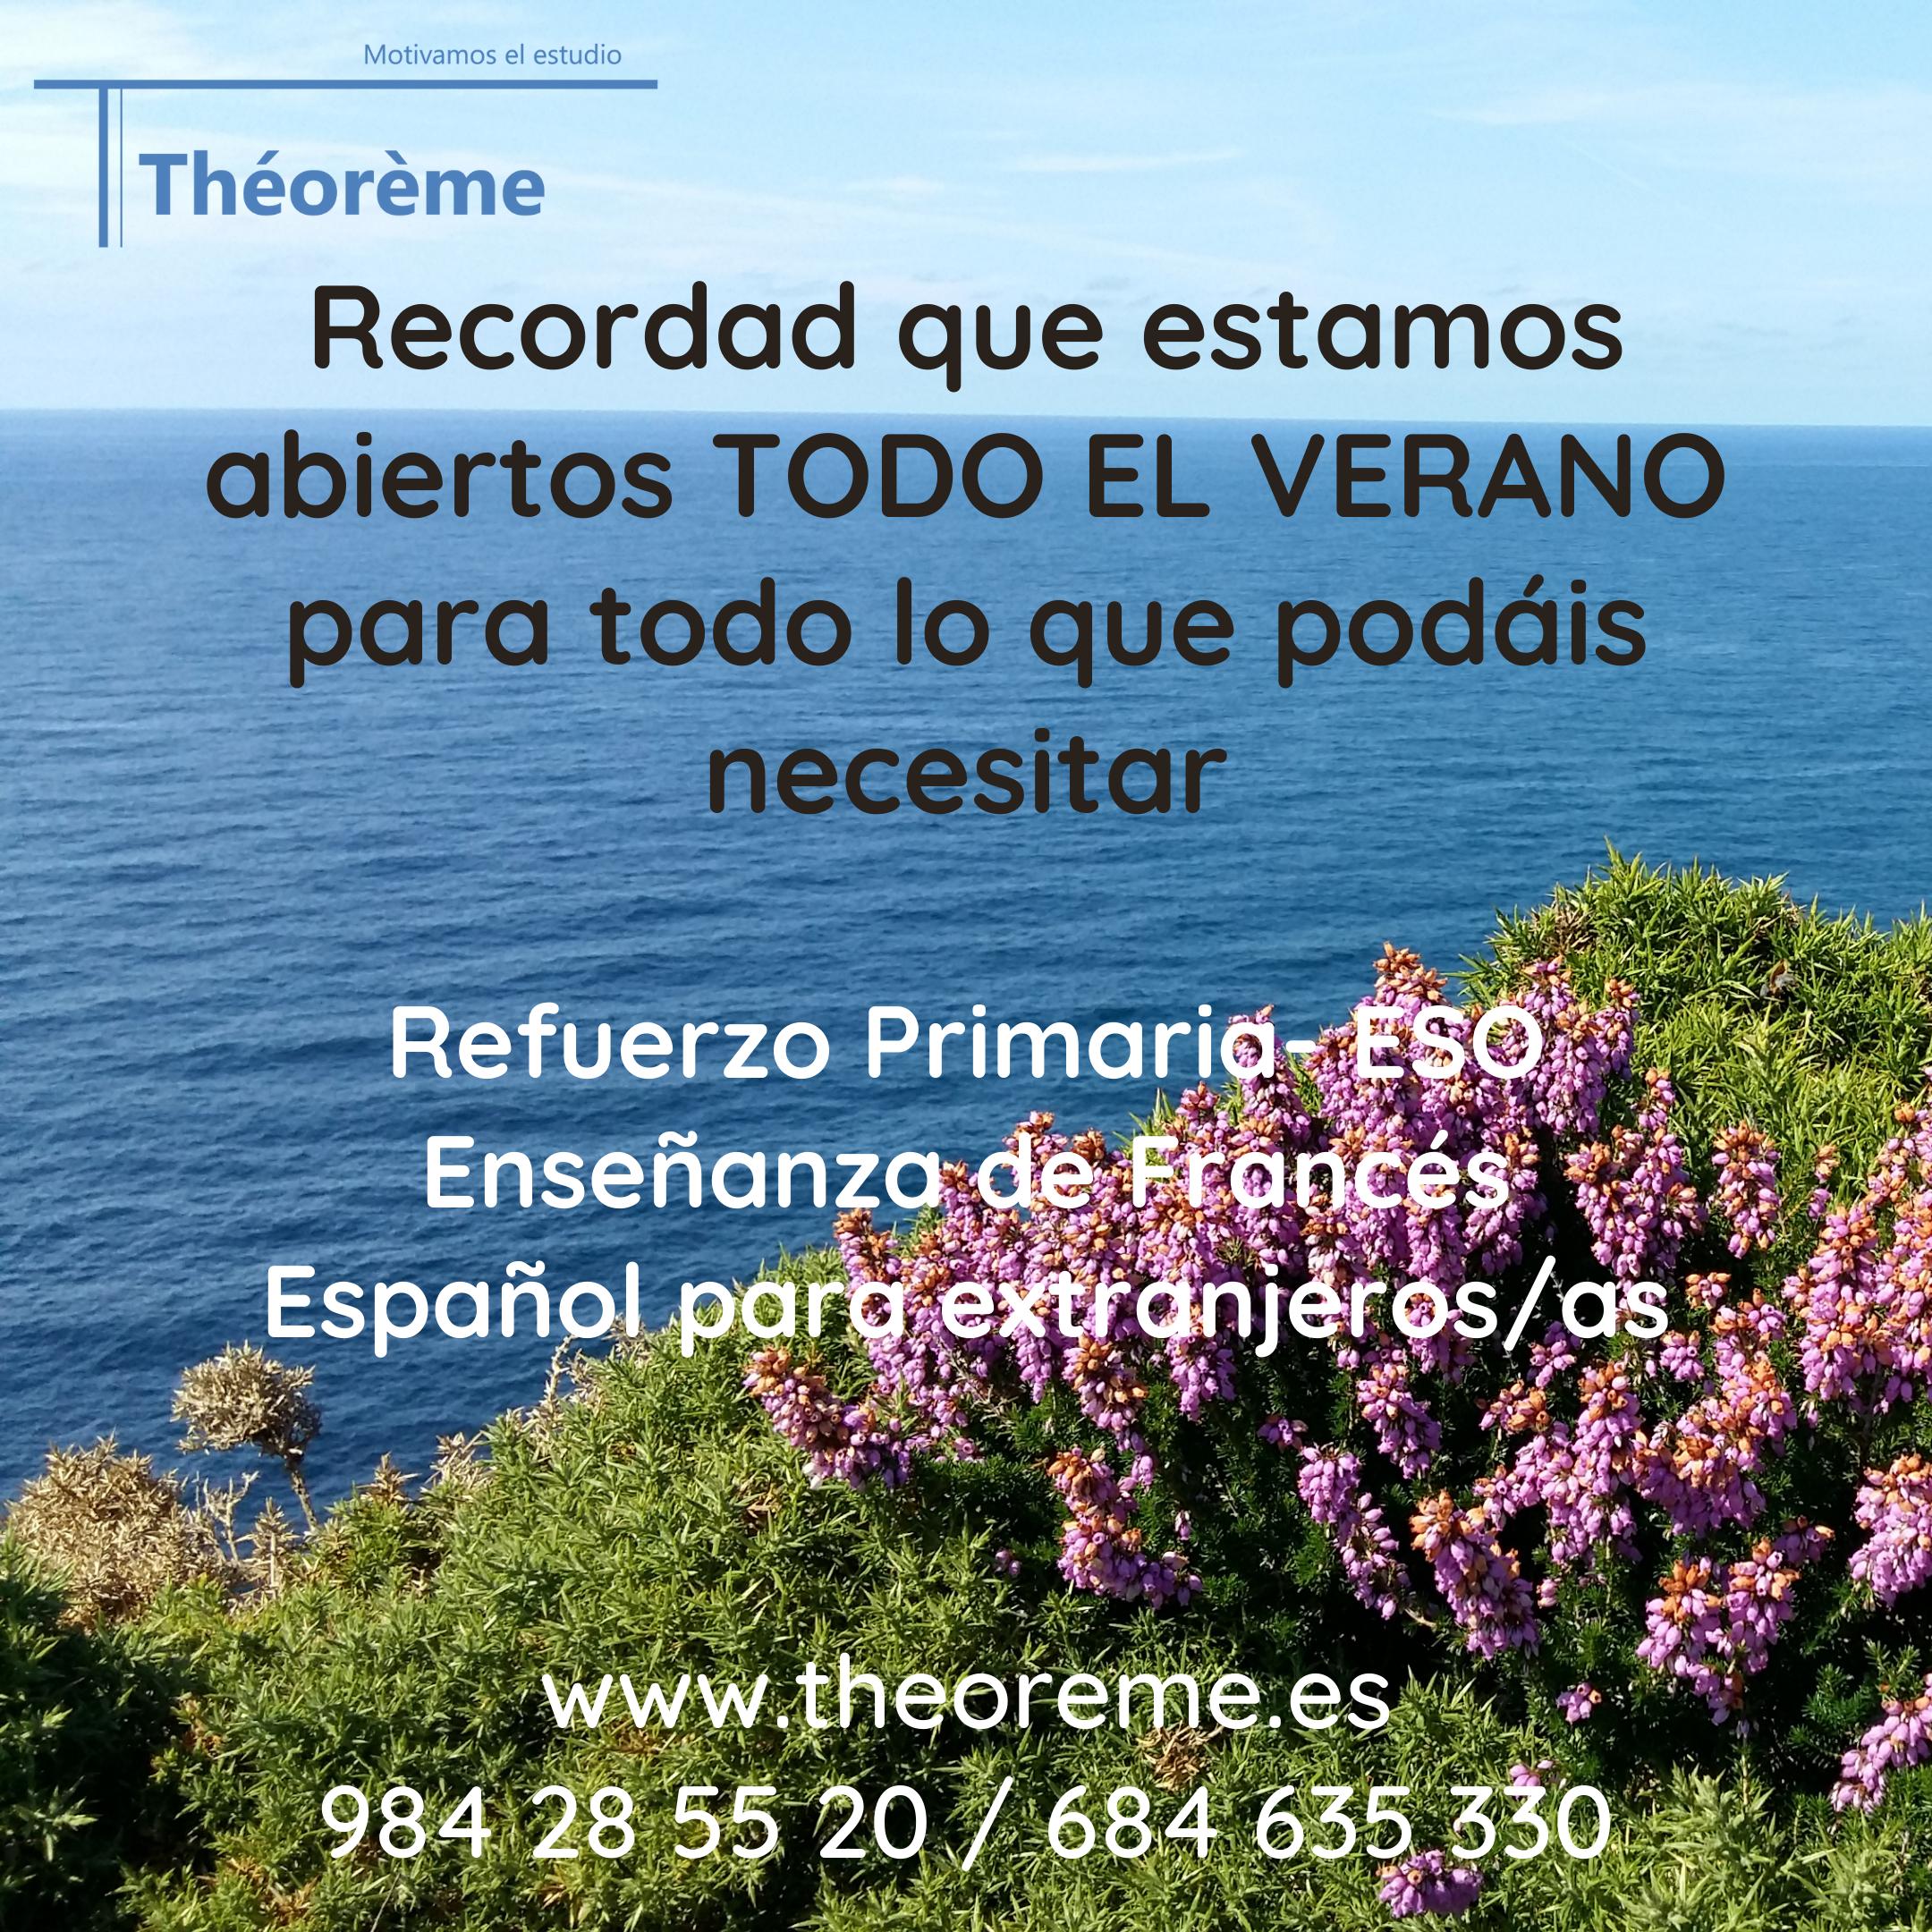 Théorème permanecerá abierta todo el verano 2021